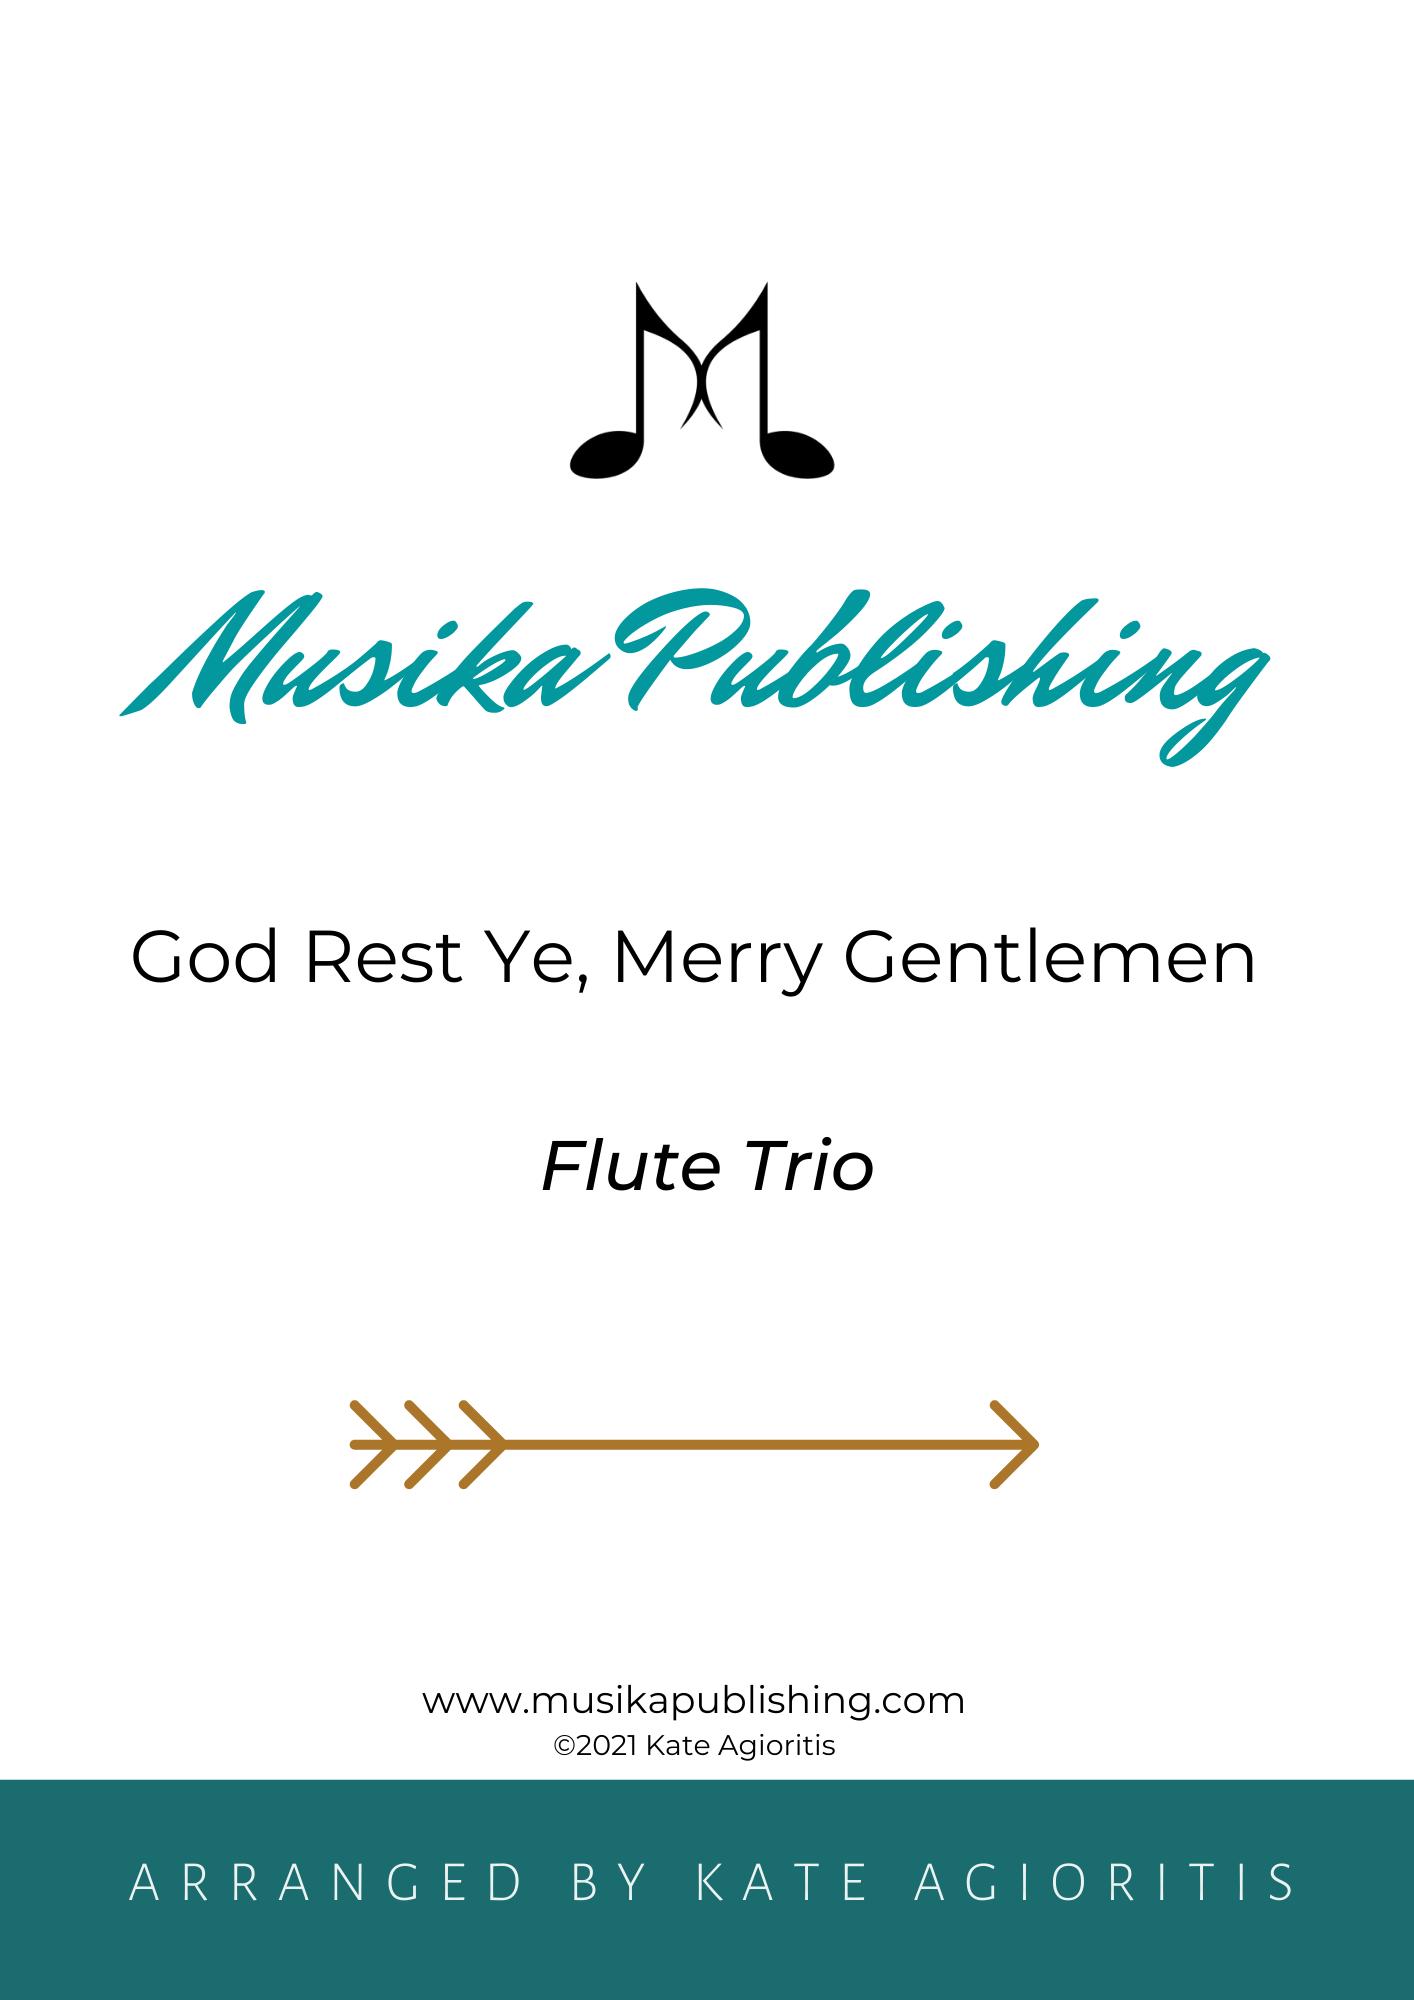 GRY Flute Trio